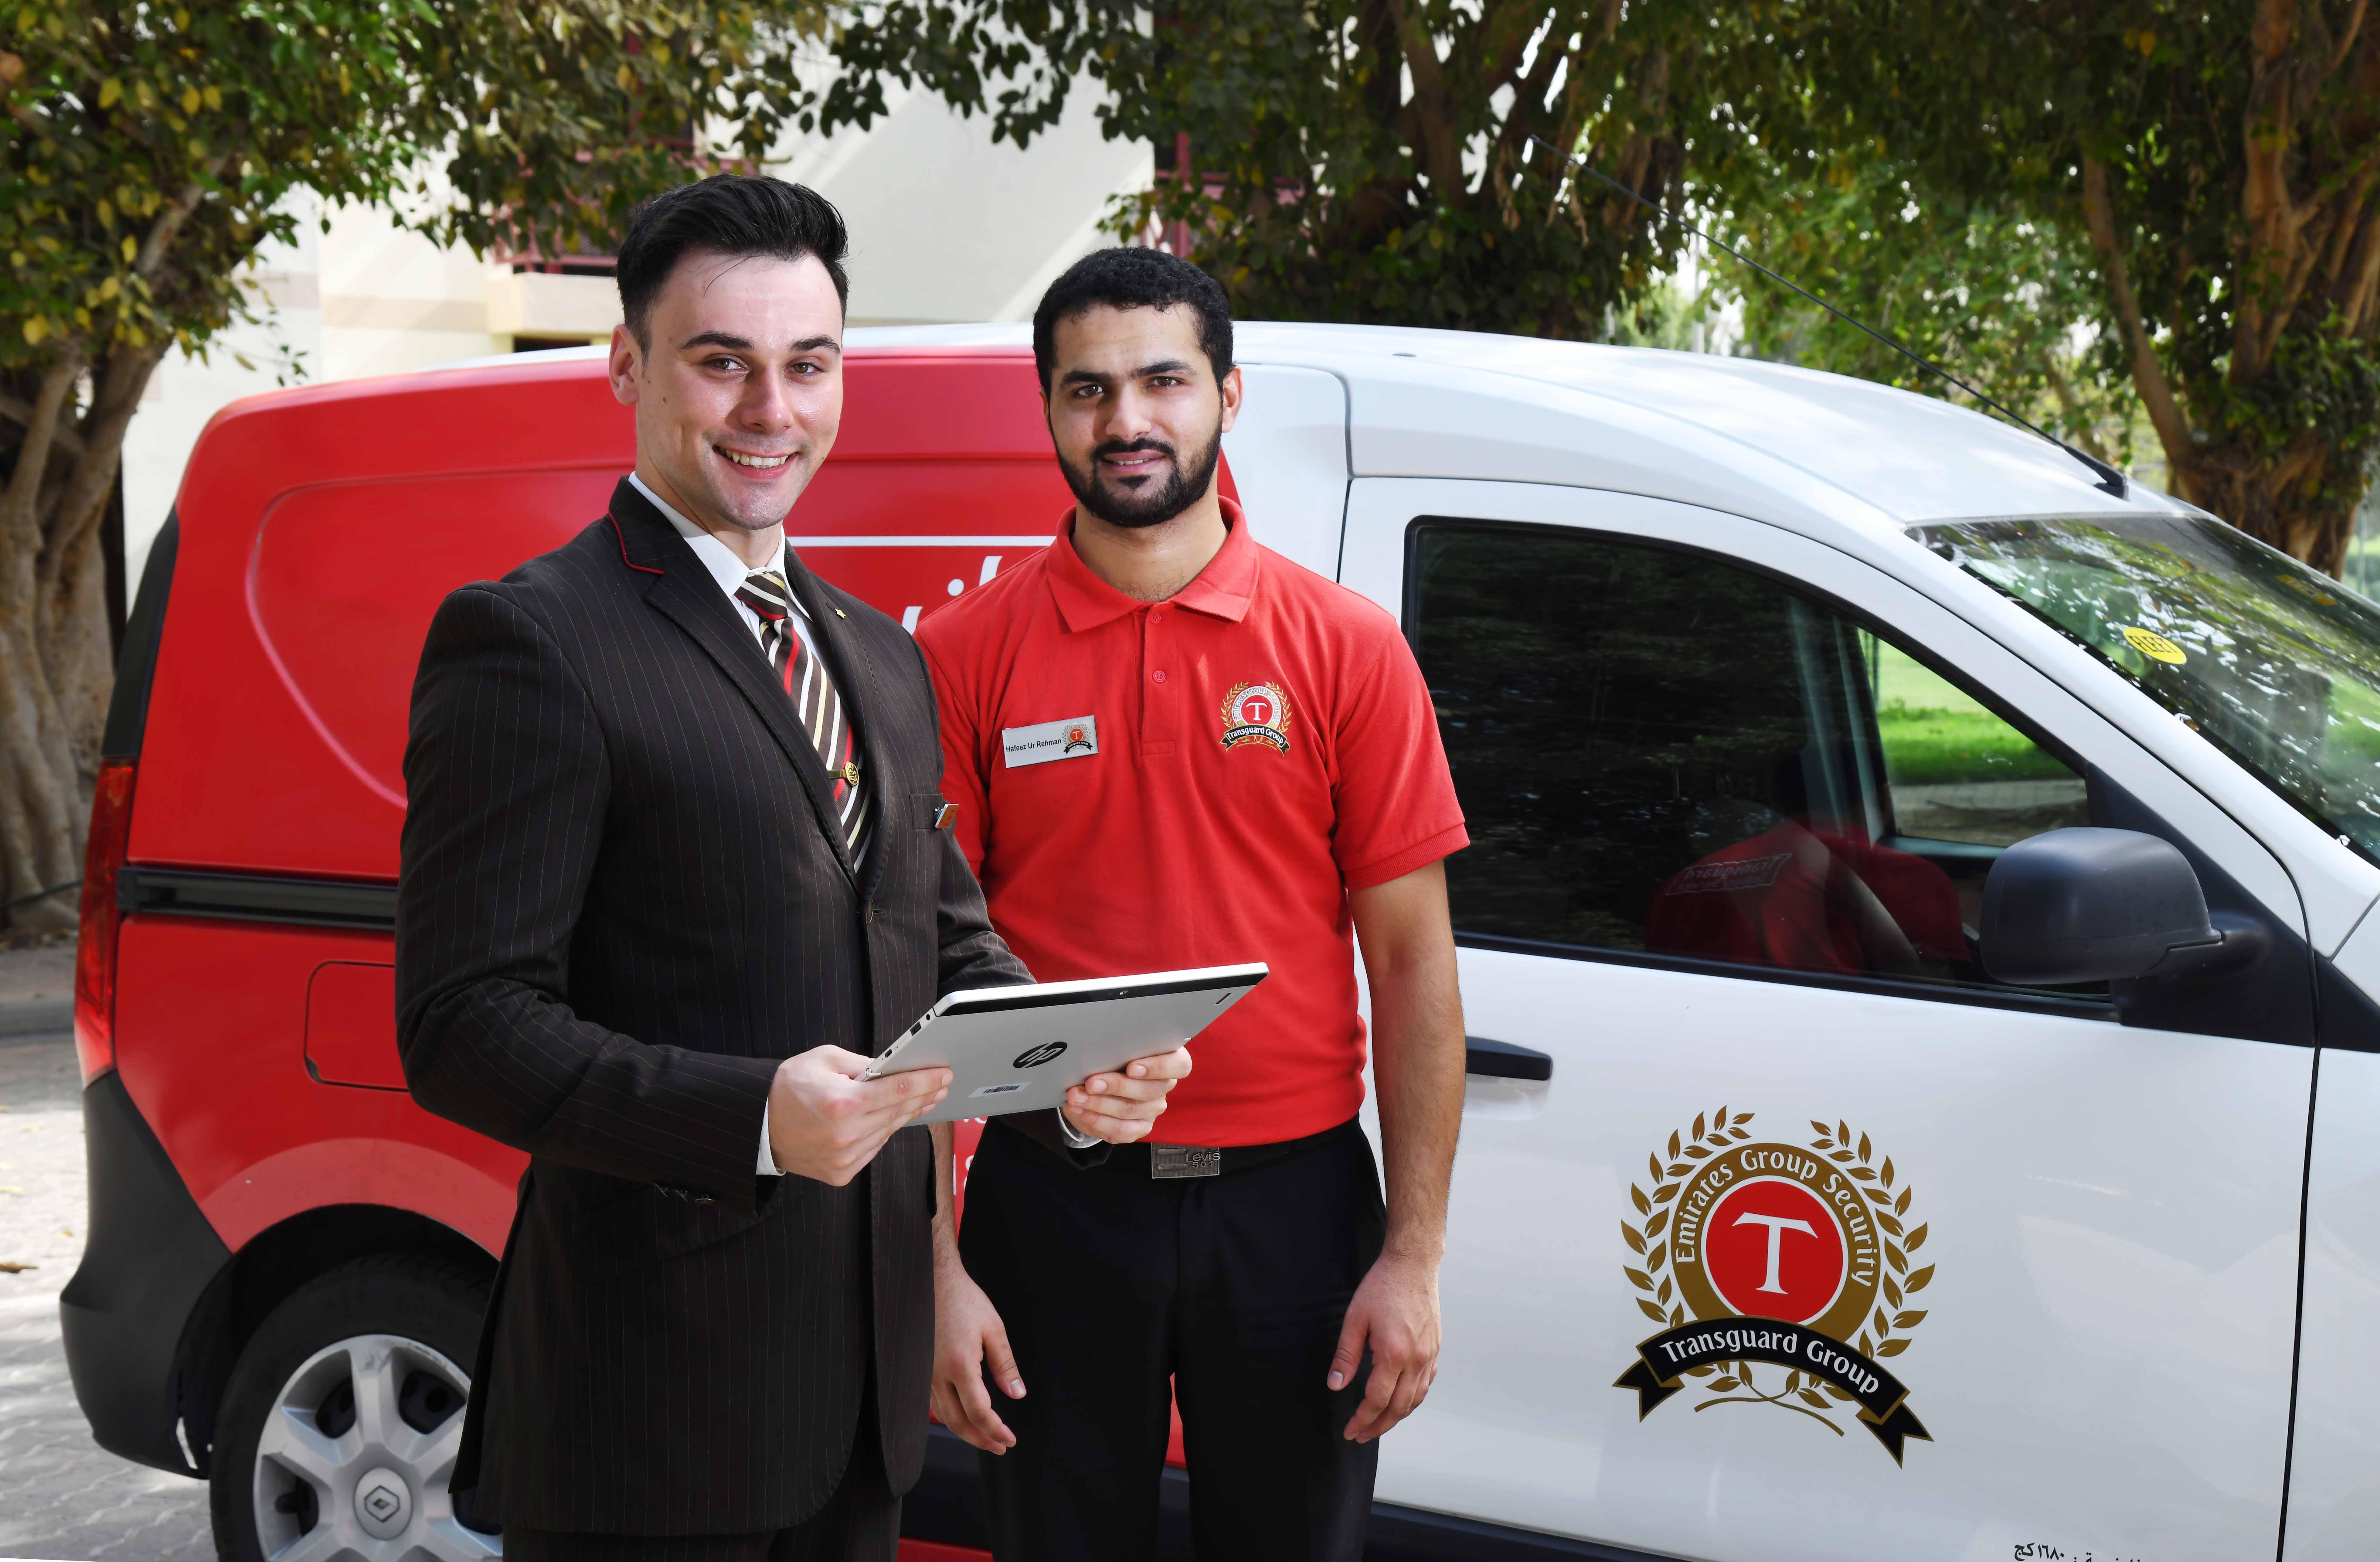 Emirates tilbyder nu Home Check-in, hvor en medarbejder kommer ud til passageren for at lave check-in og sikkerhedstjek. Foto: Emirates